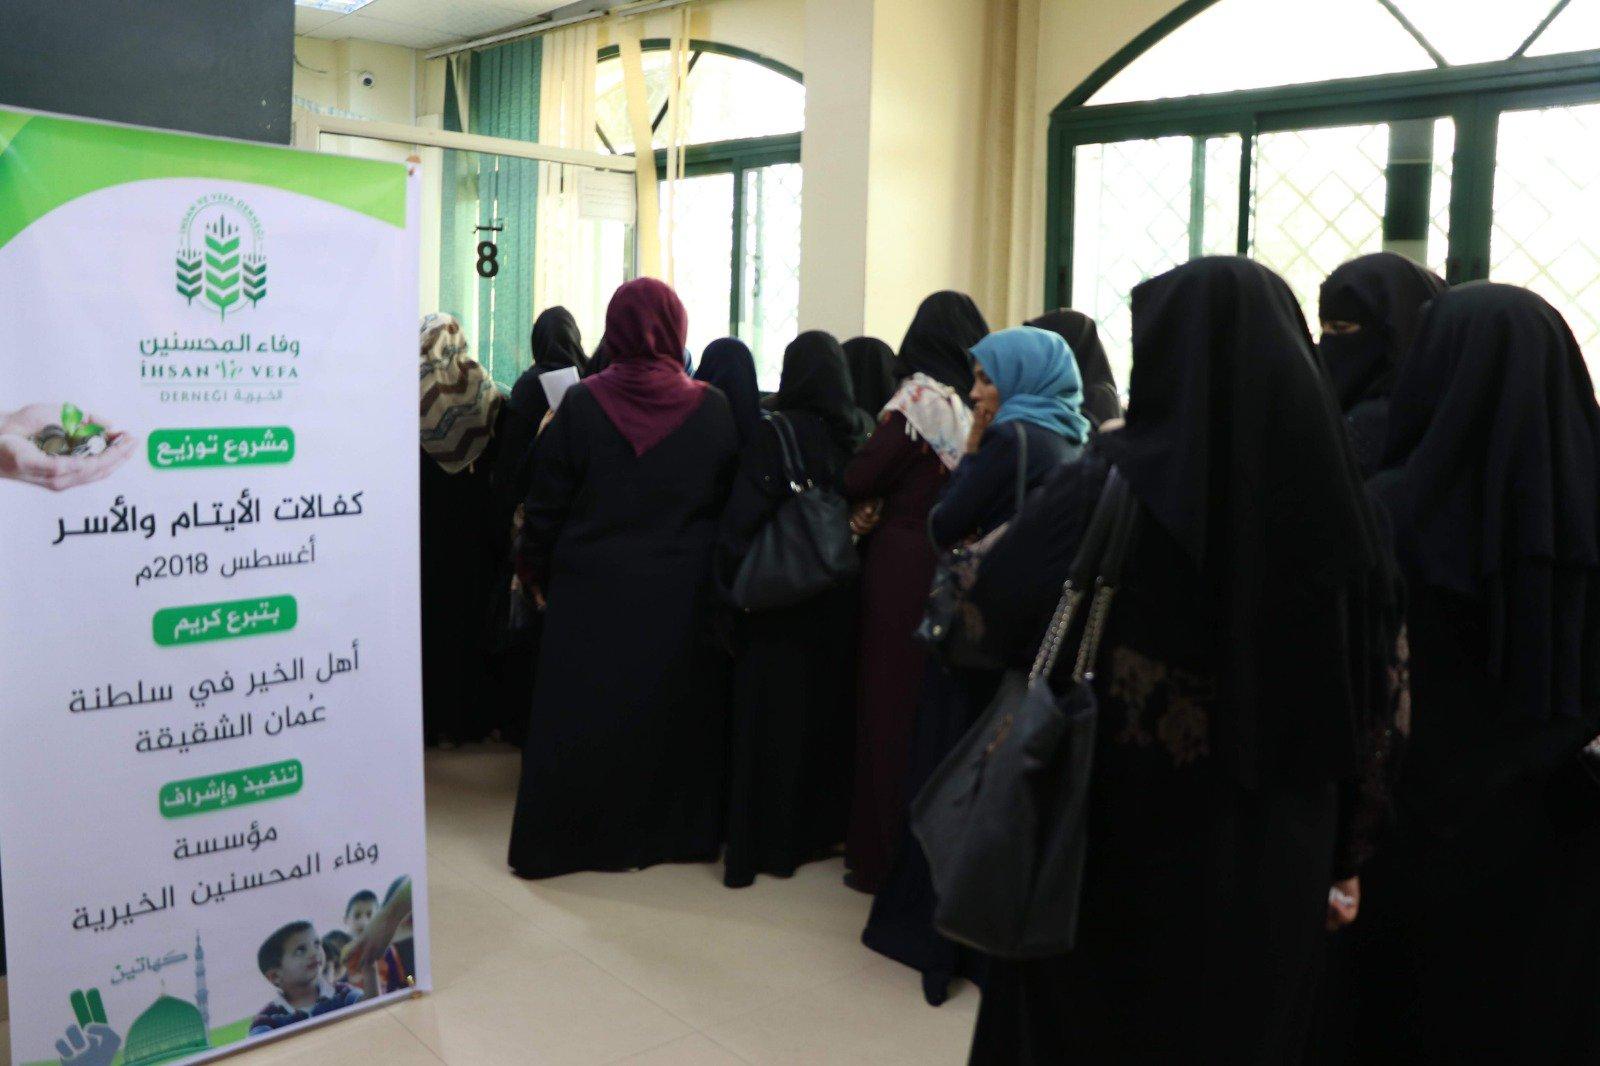 بالصور.. تبرعات عمانية تساهم في كسوة الشتاء لـ500 طفل فلسطيني